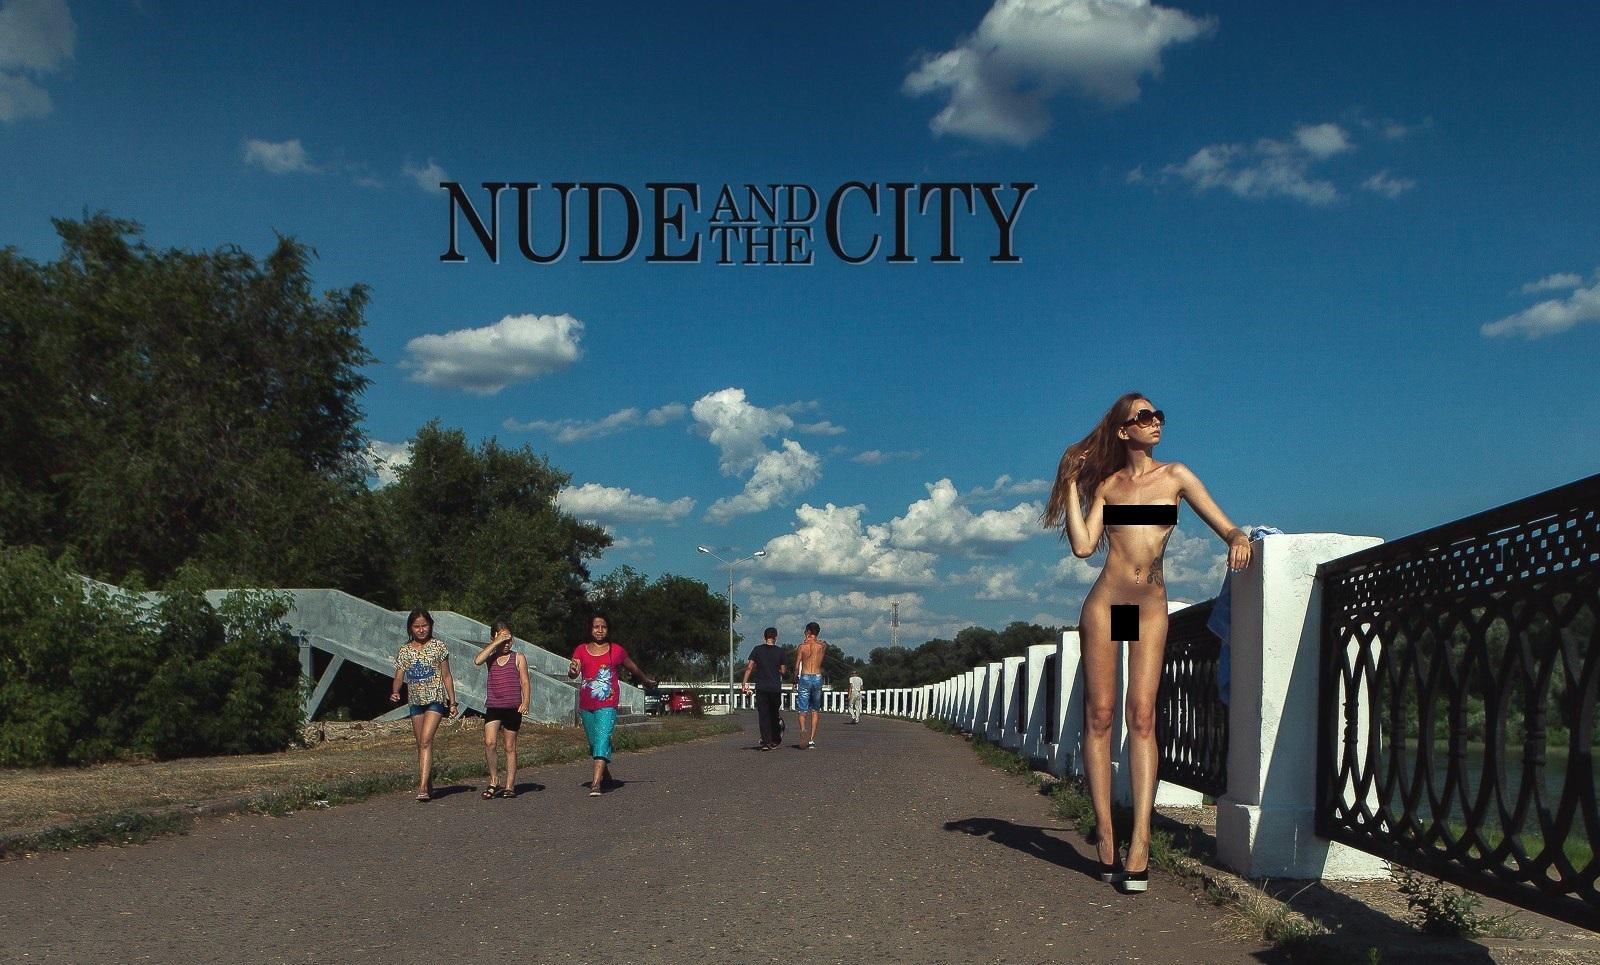 Русские девушки голые любитель уличный фотограф меня